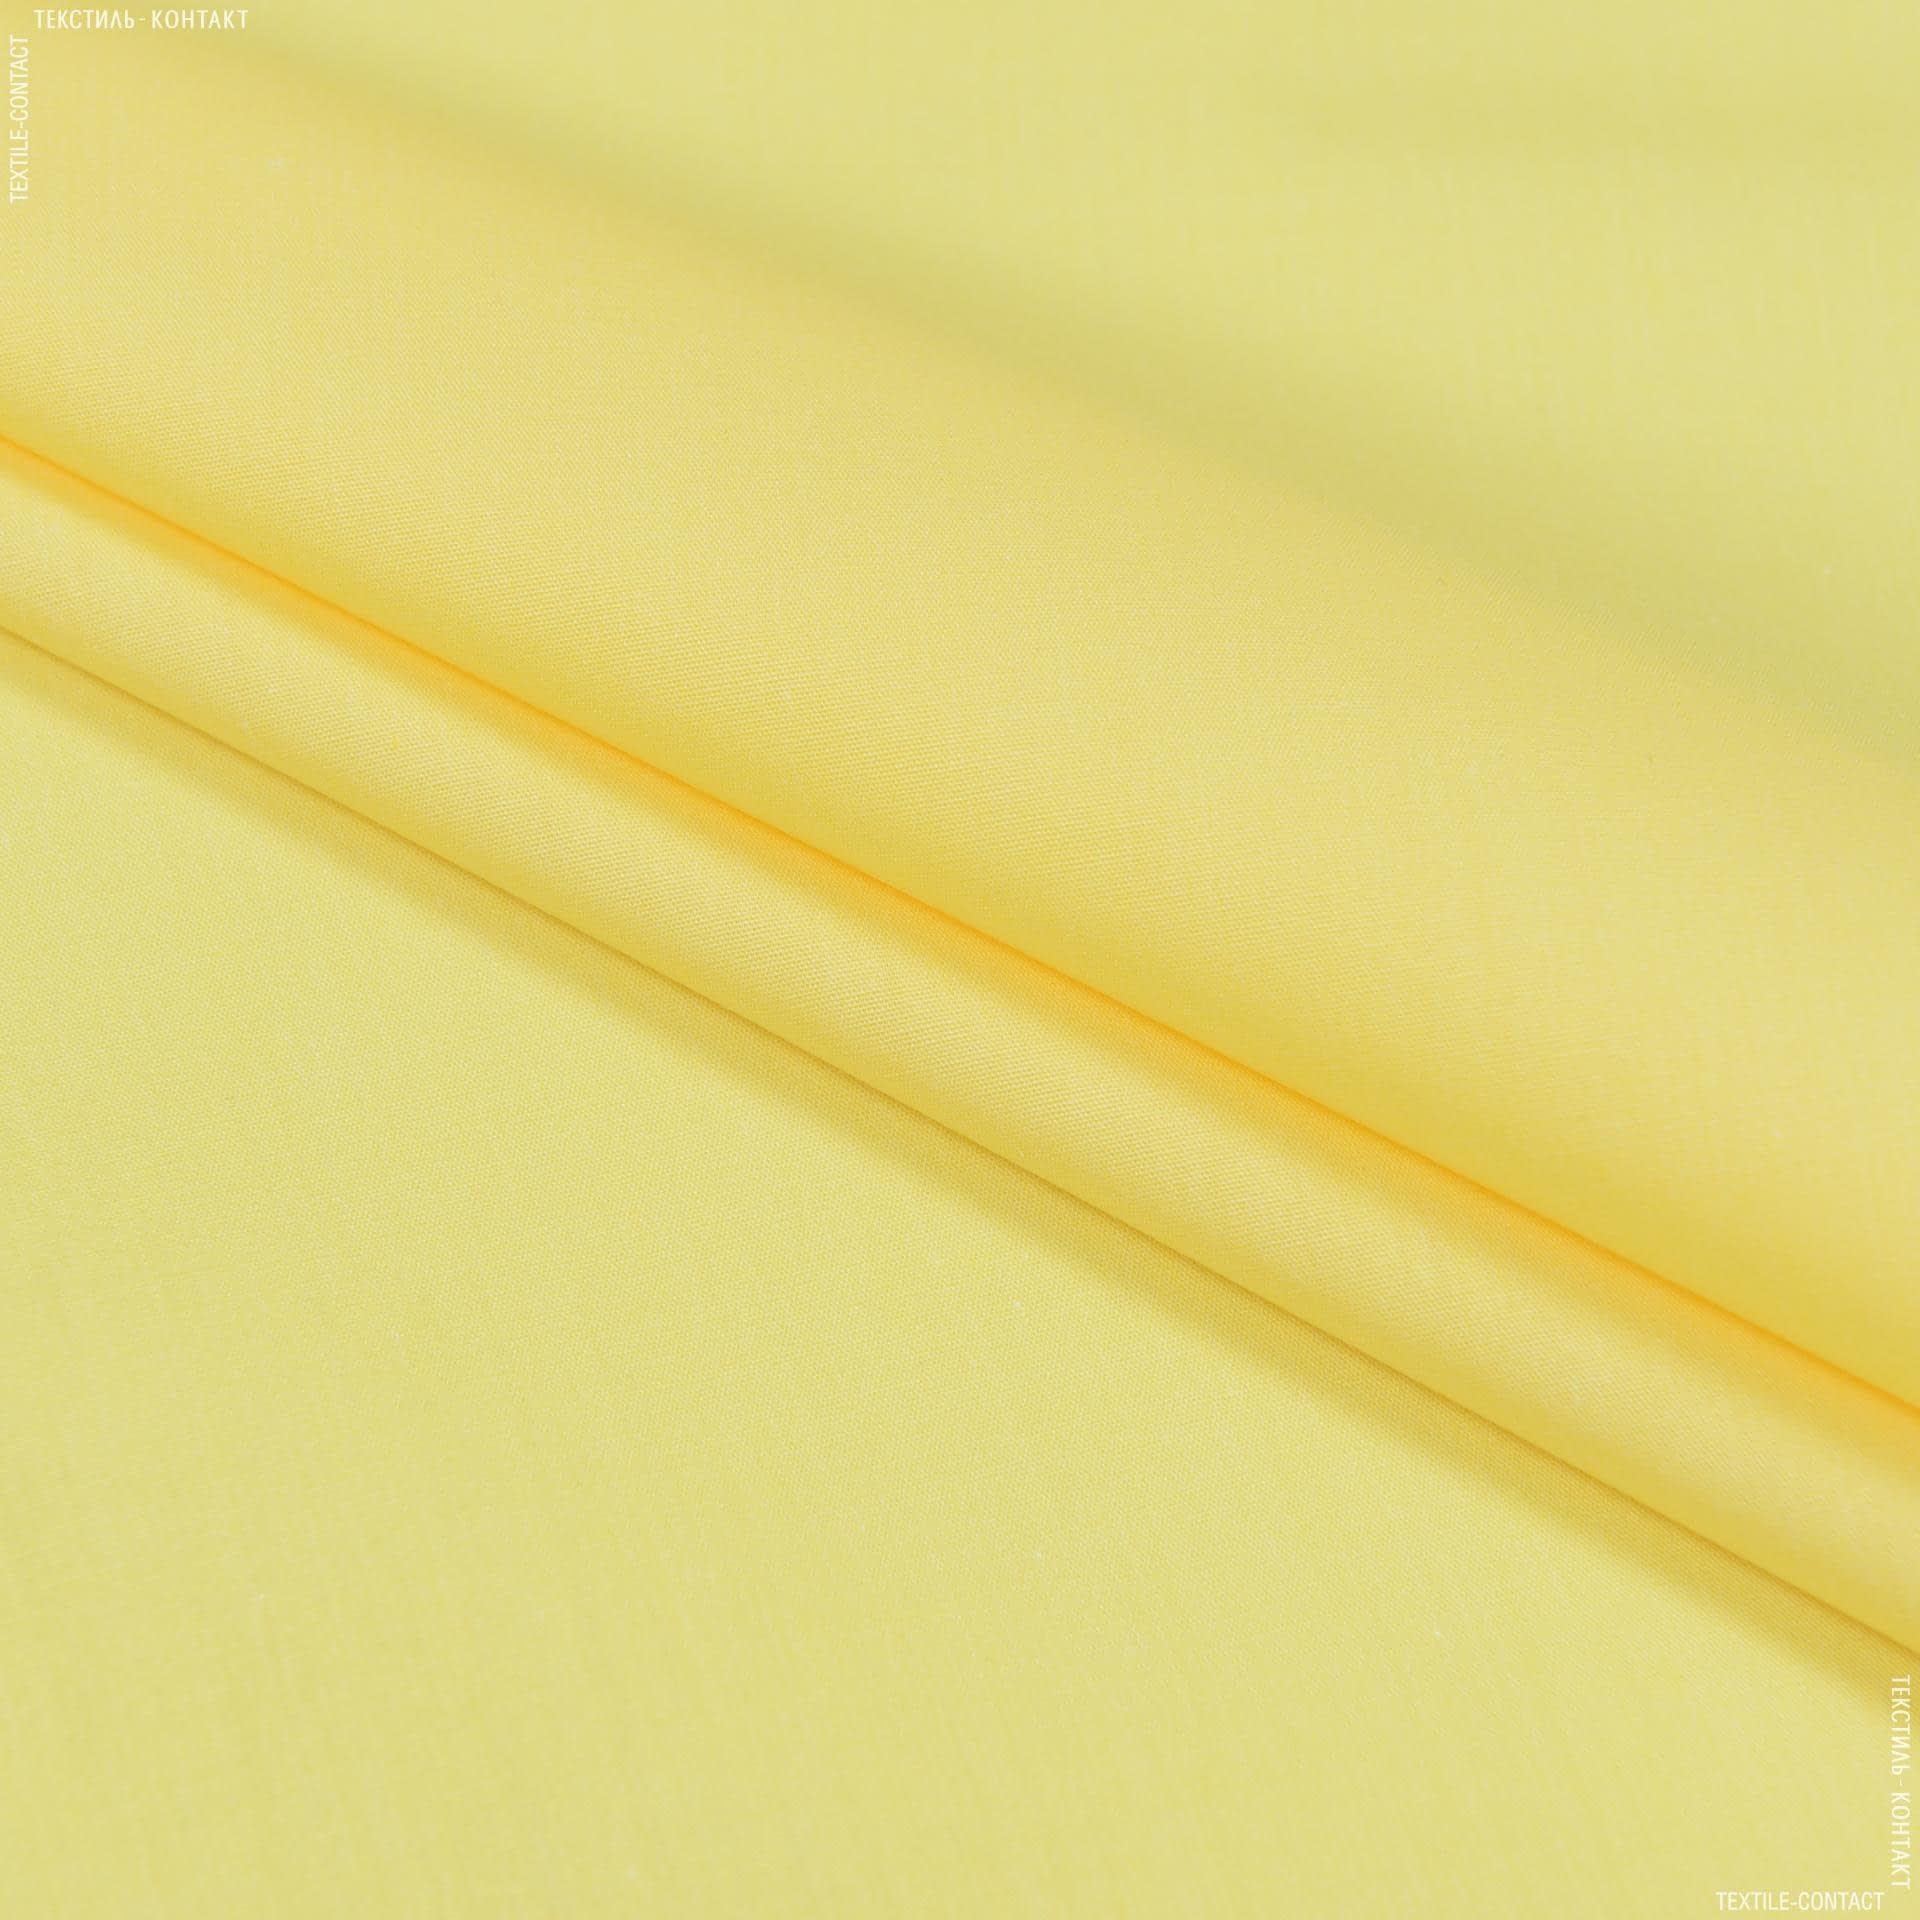 Тканини для суконь - Сорочкова світло-жовтий